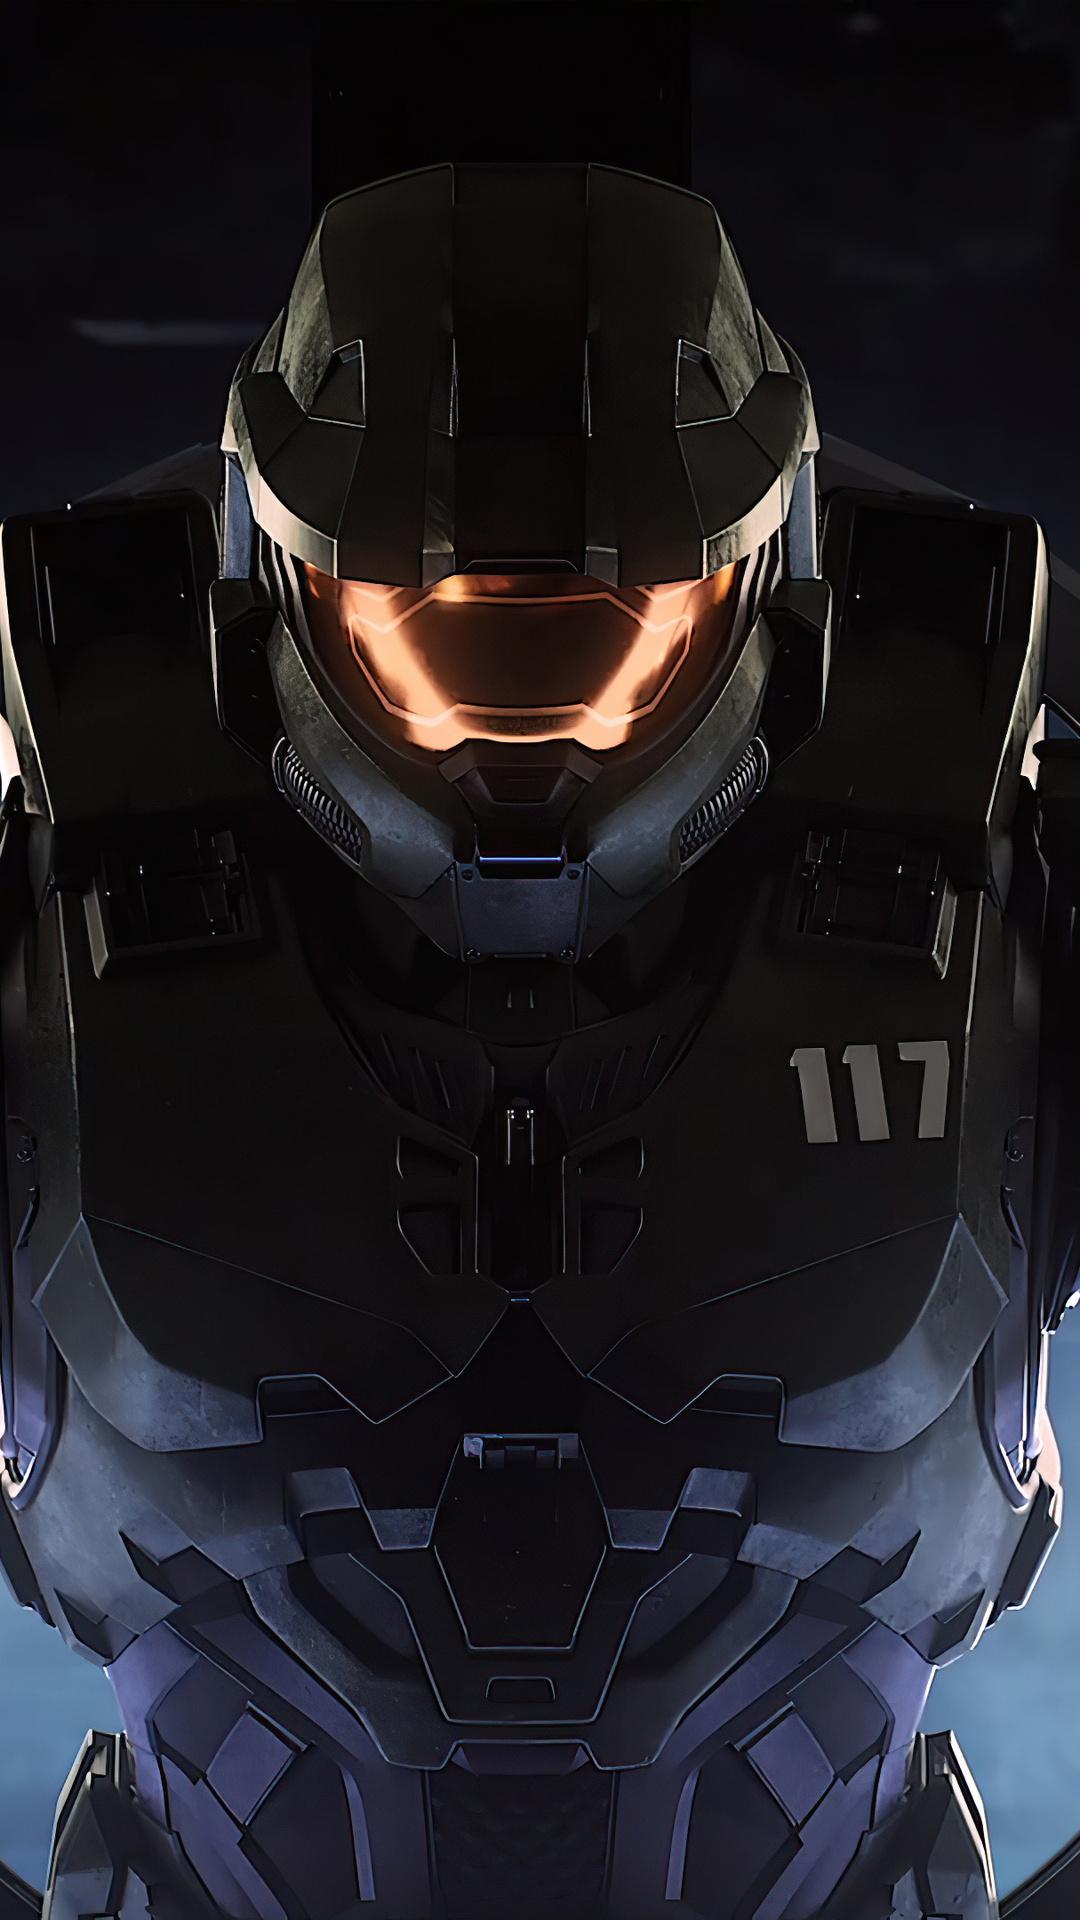 1080x1920 Halo Infinite 2020 Iphone 7,6s,6 Plus, Pixel xl ...